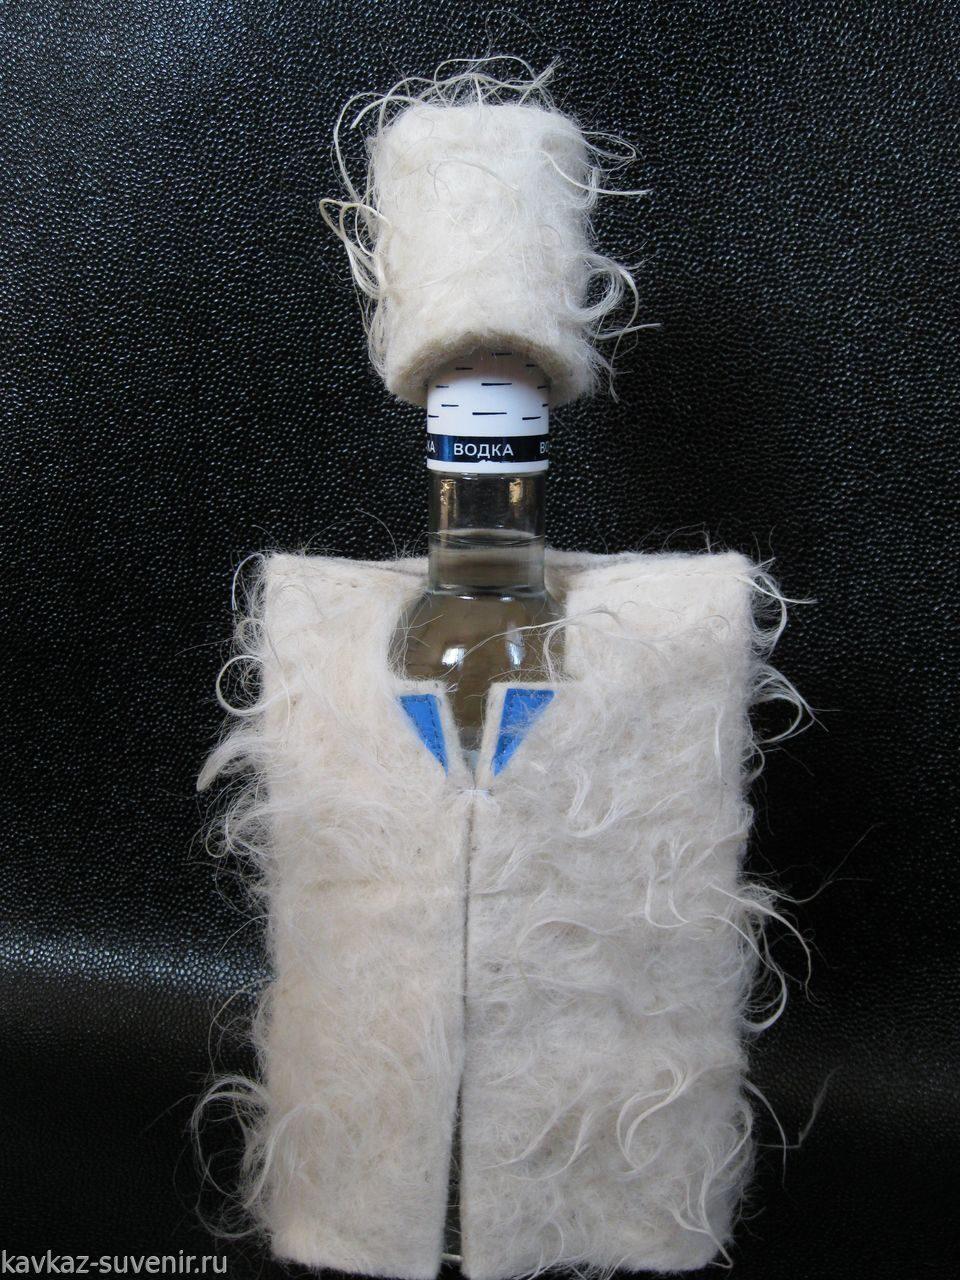 Посадить на бутылку (сесть на бутылку)